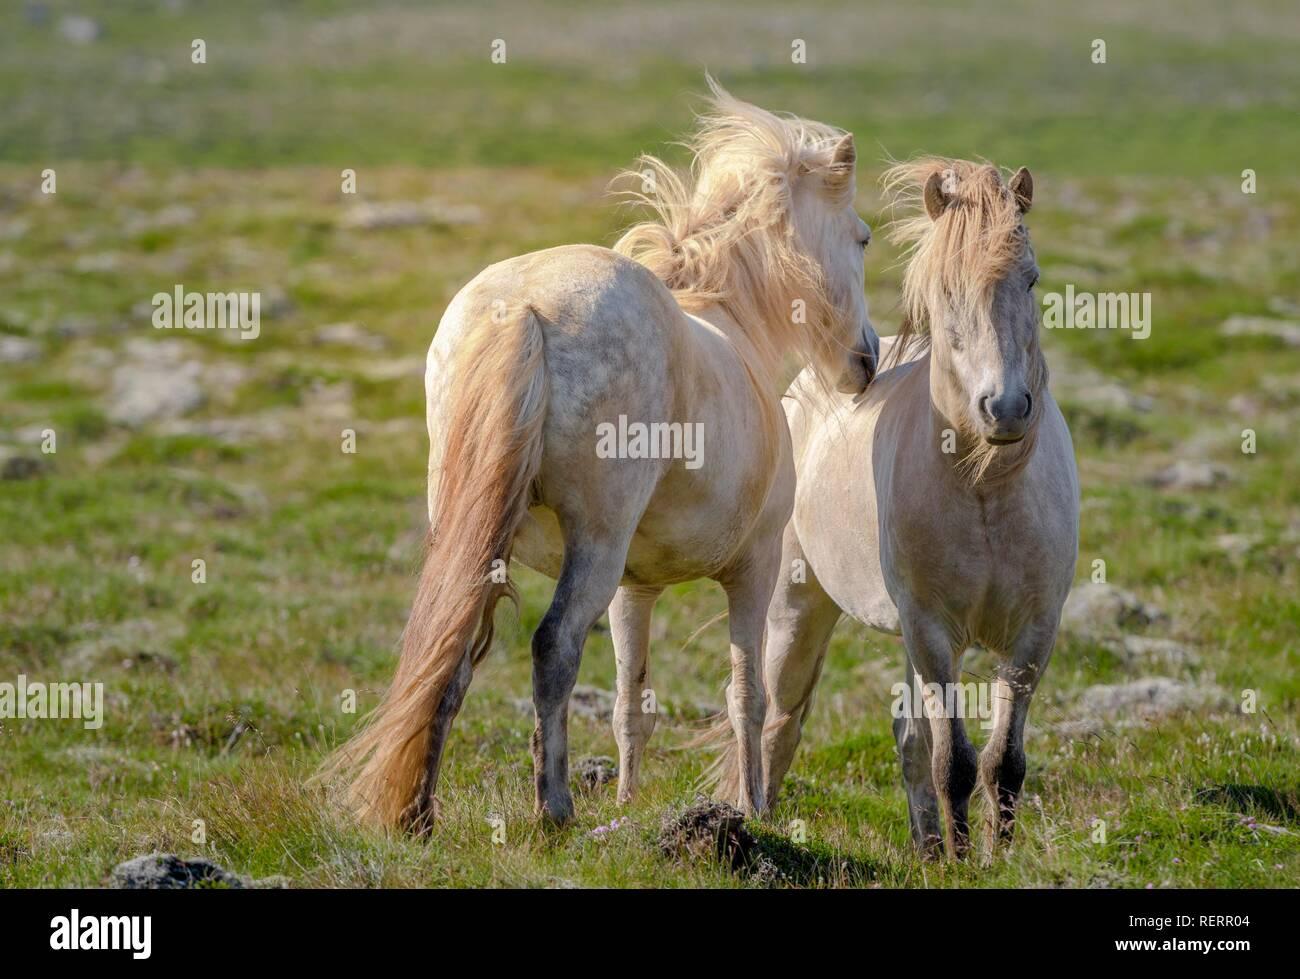 Dos blancos caballos islandeses grooming fur en la pastura, viento que sopla en mane, Sauðárkrókur, Akrahreppur, Norðurland vestra Imagen De Stock